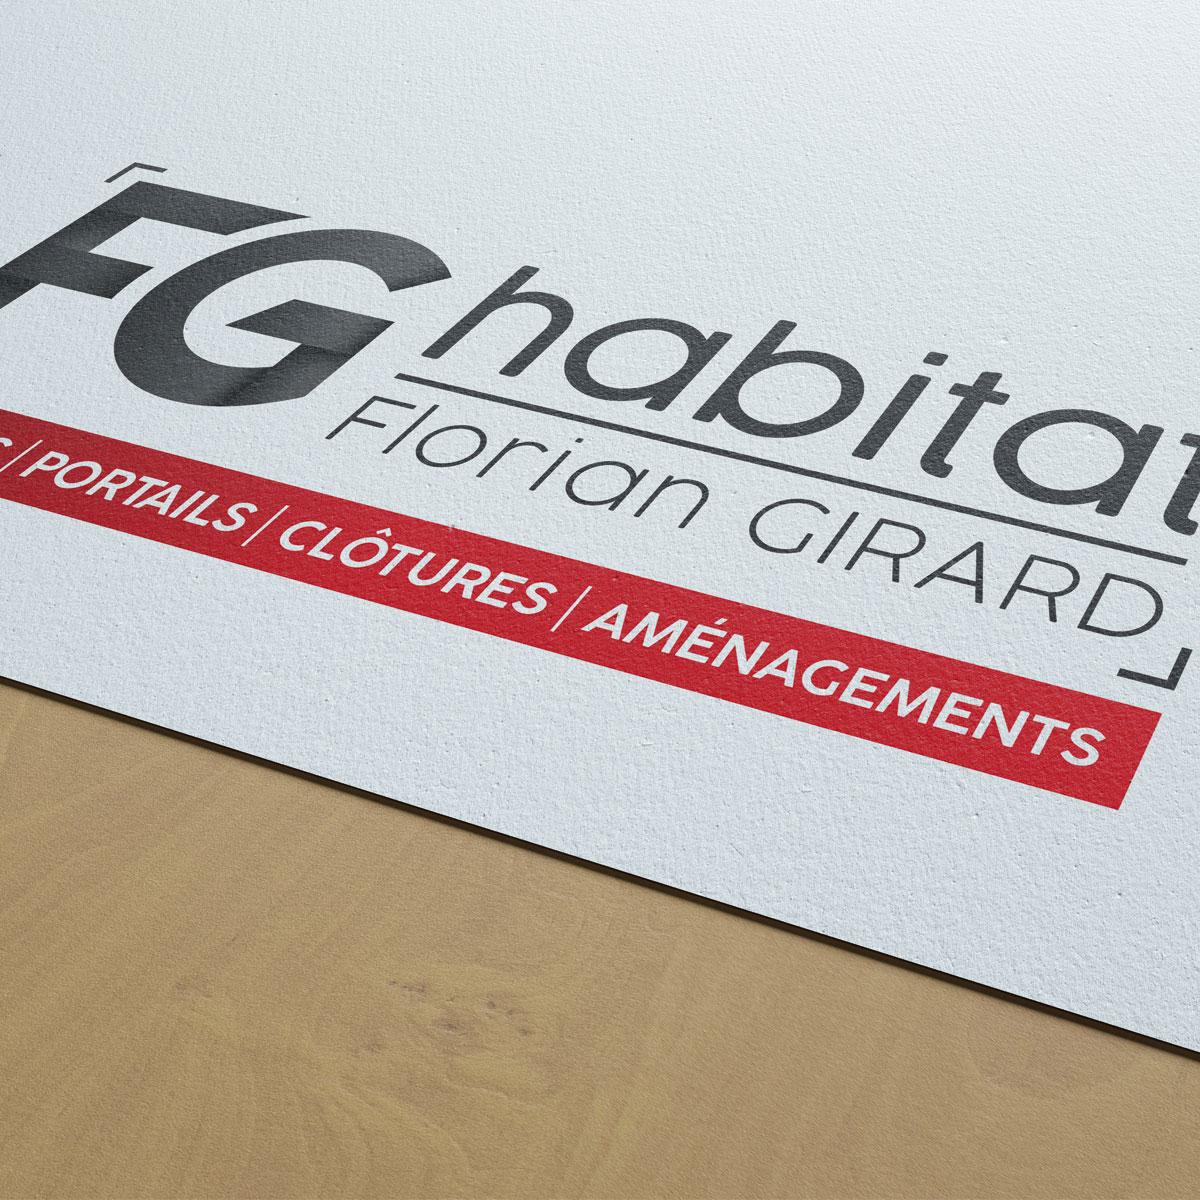 fg-habitat-logo